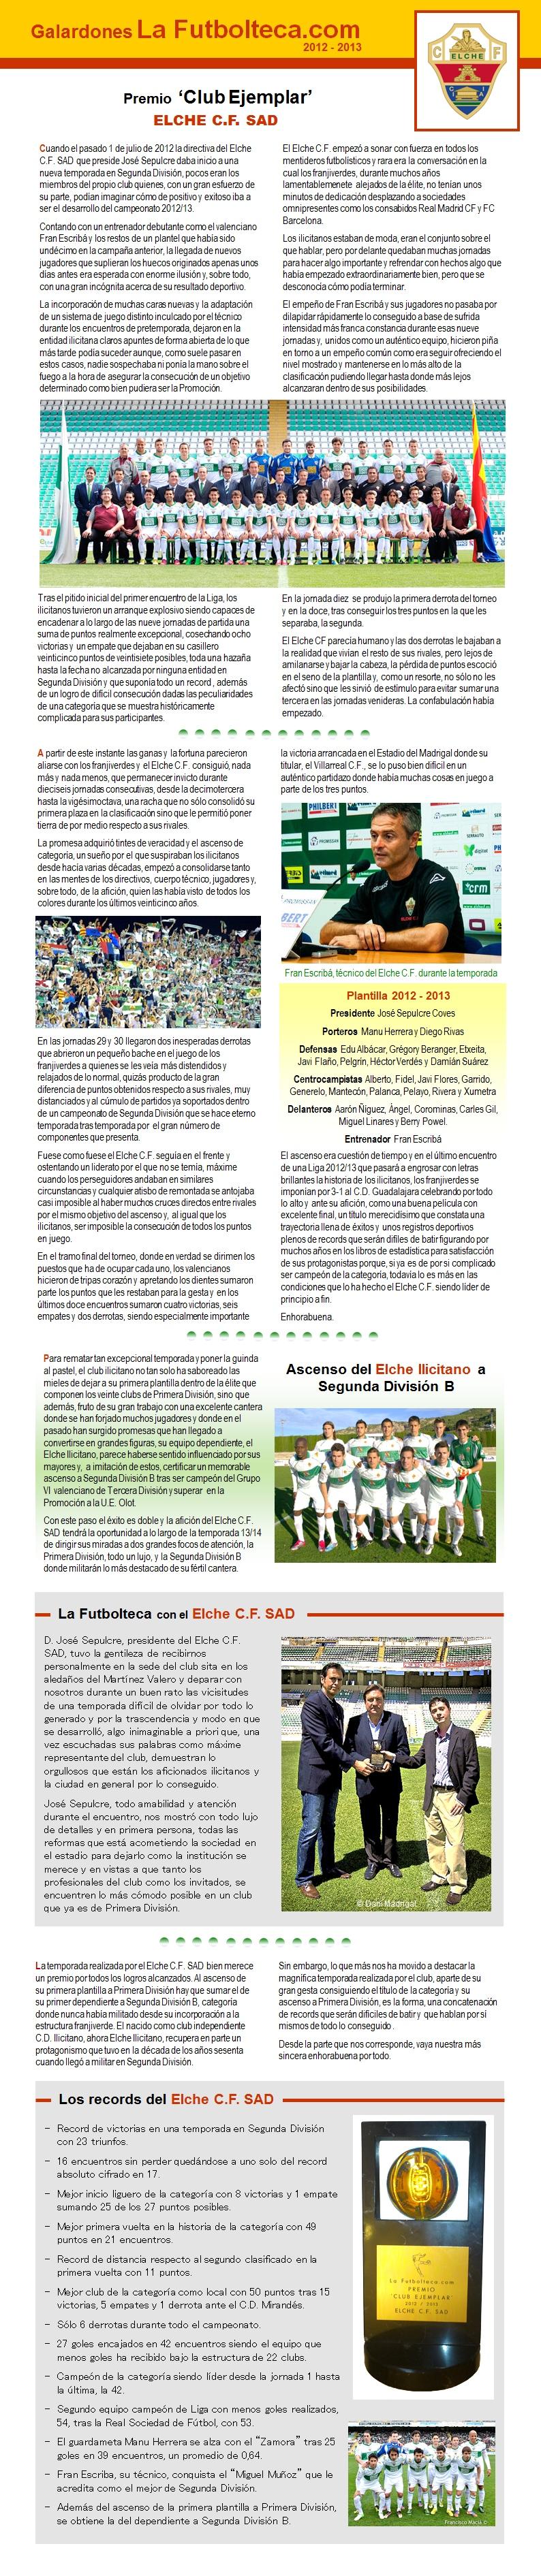 Premio Club Ejemplar 2013 Elche CF